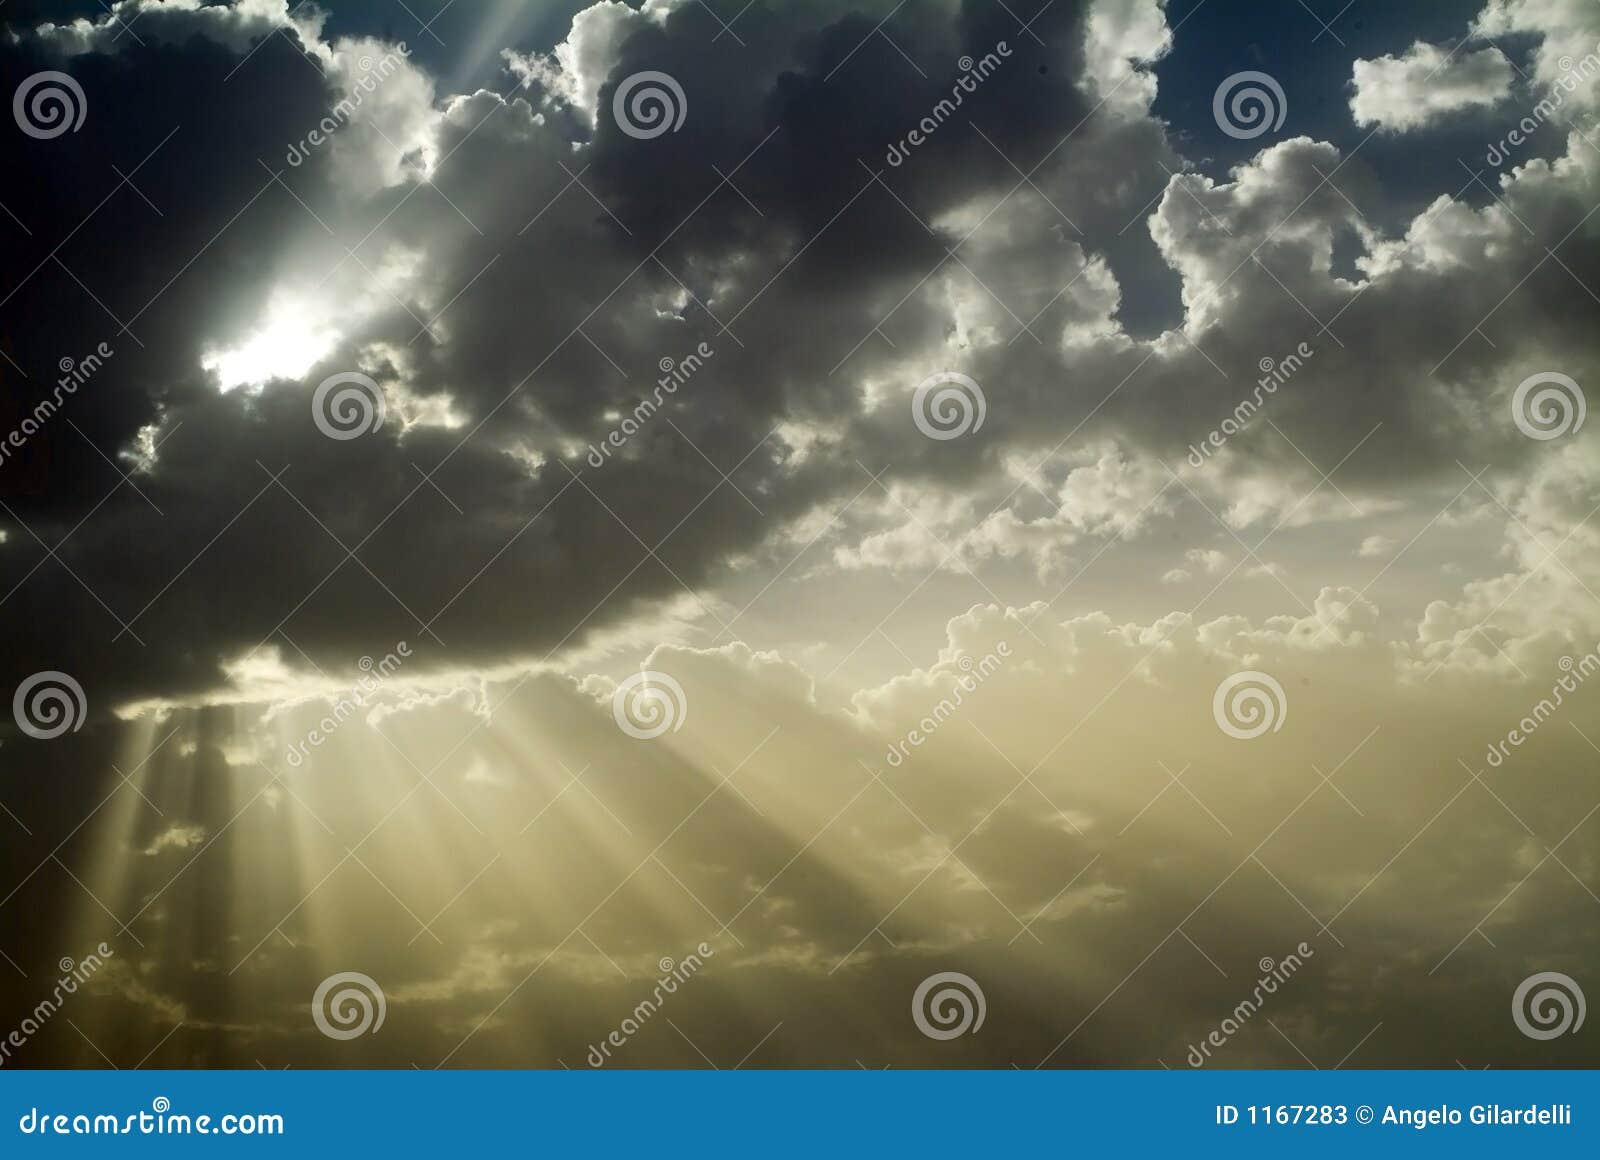 Raias de Sun atrás das nuvens